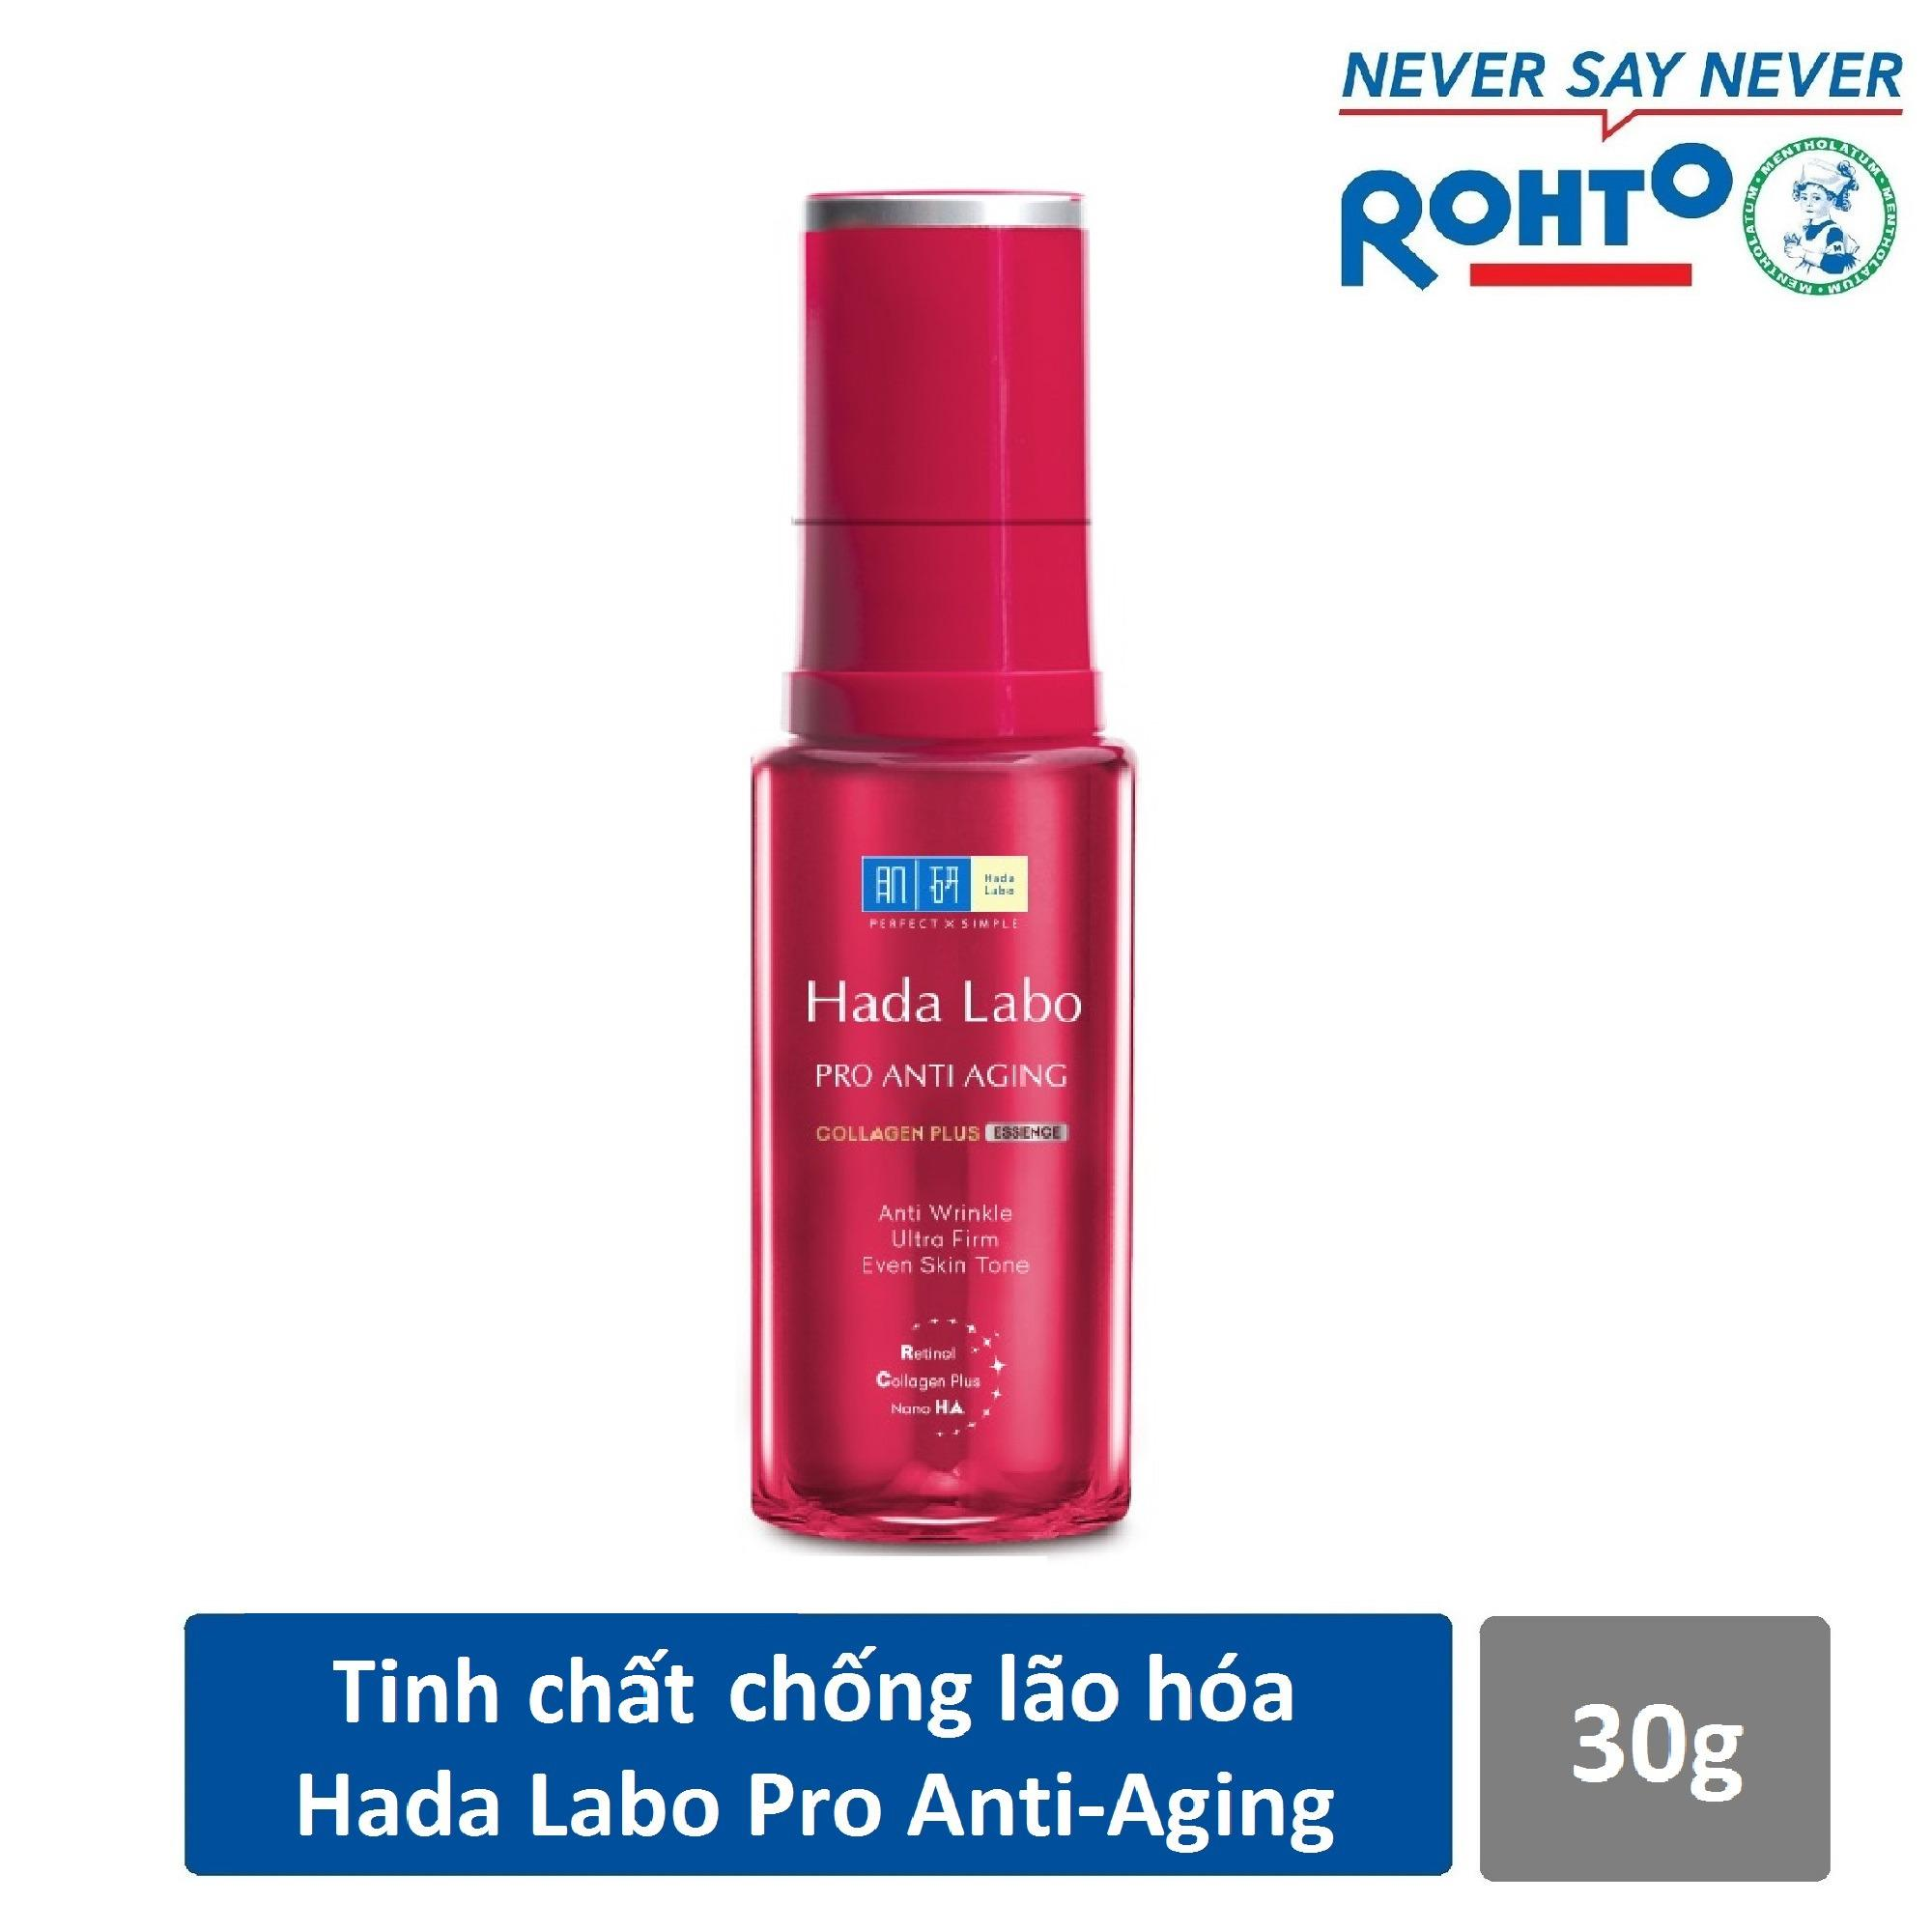 Tinh chất dưỡng chuyên biệt chống lão hóa Hada Labo Pro Anti Aging Essence 30g